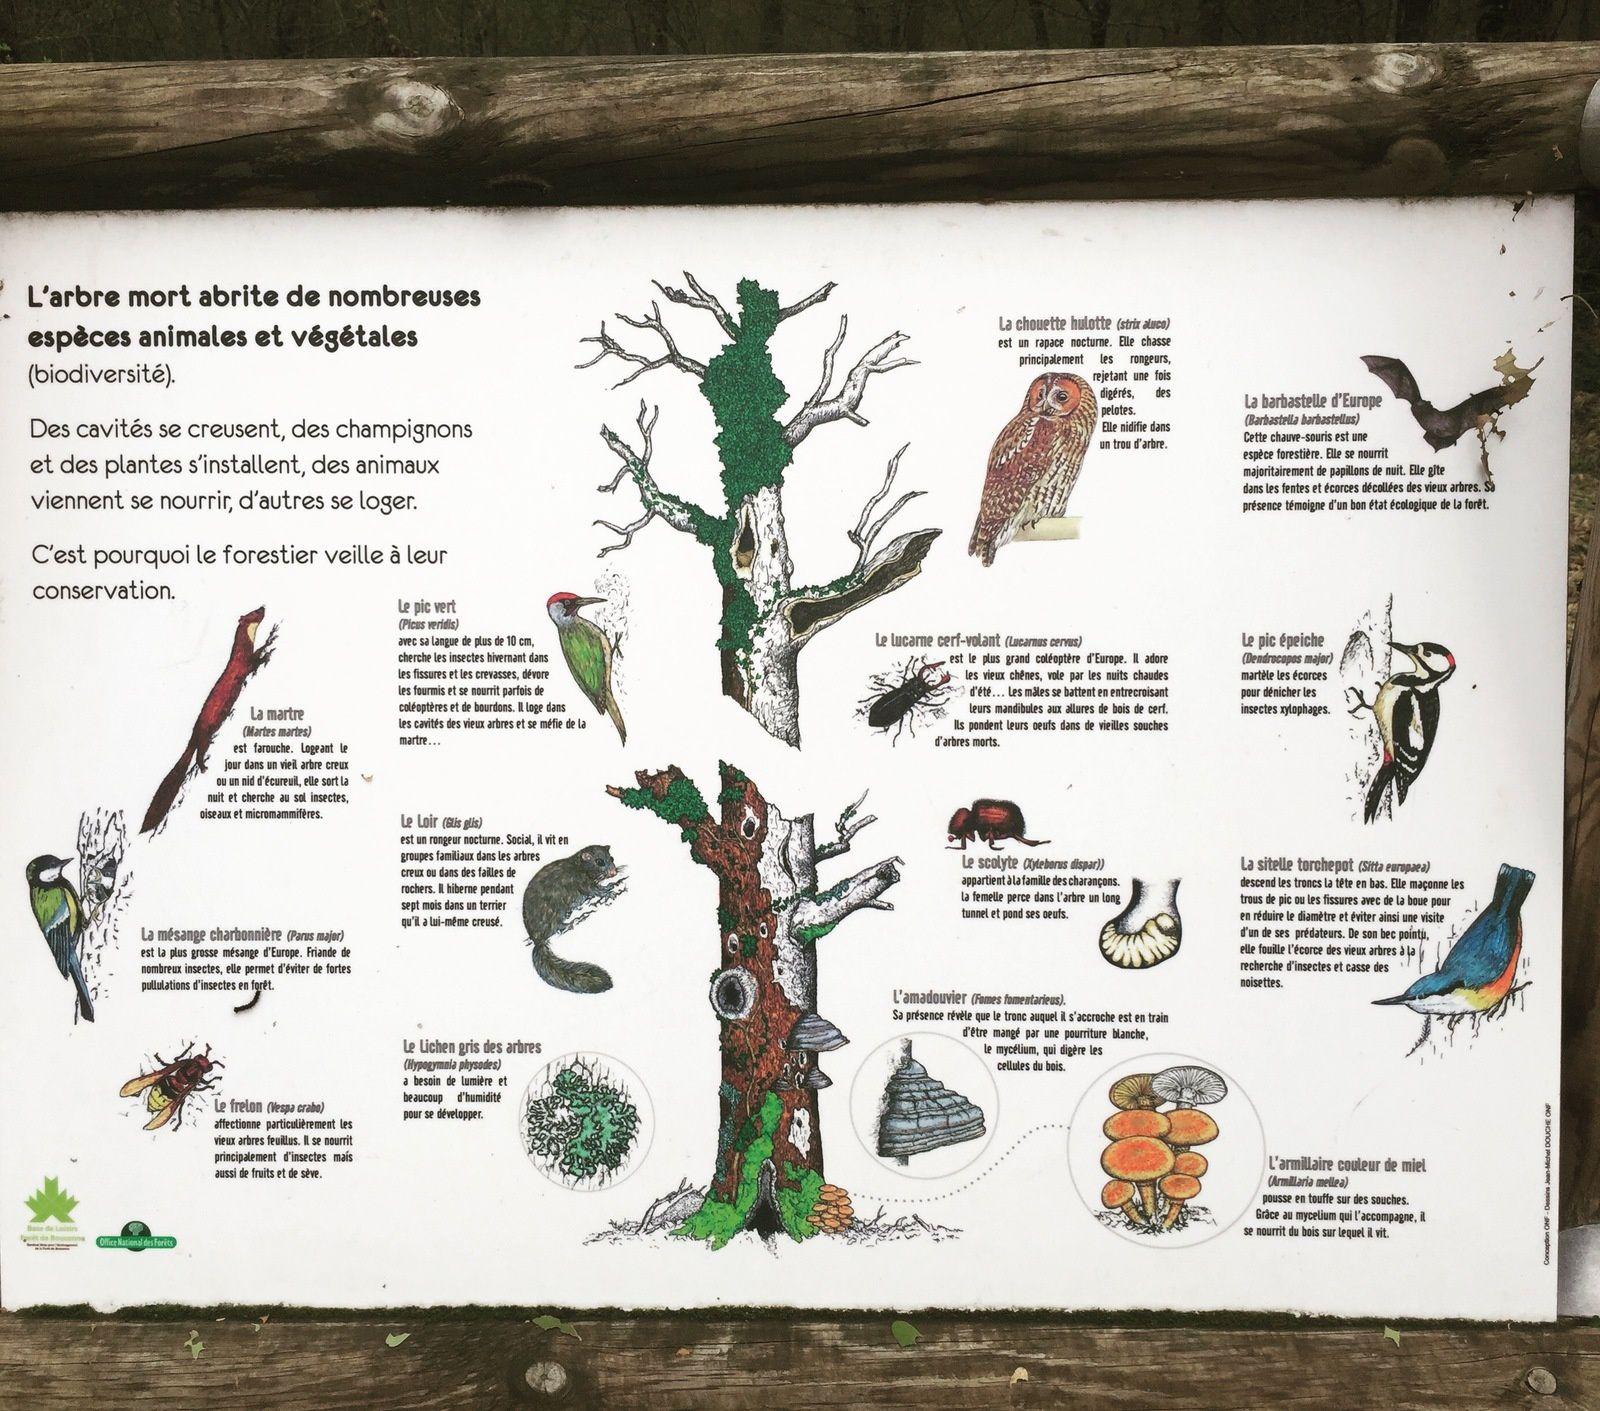 rôle des arbres morts : La forêt de Bouconne sur charlotteblablablog